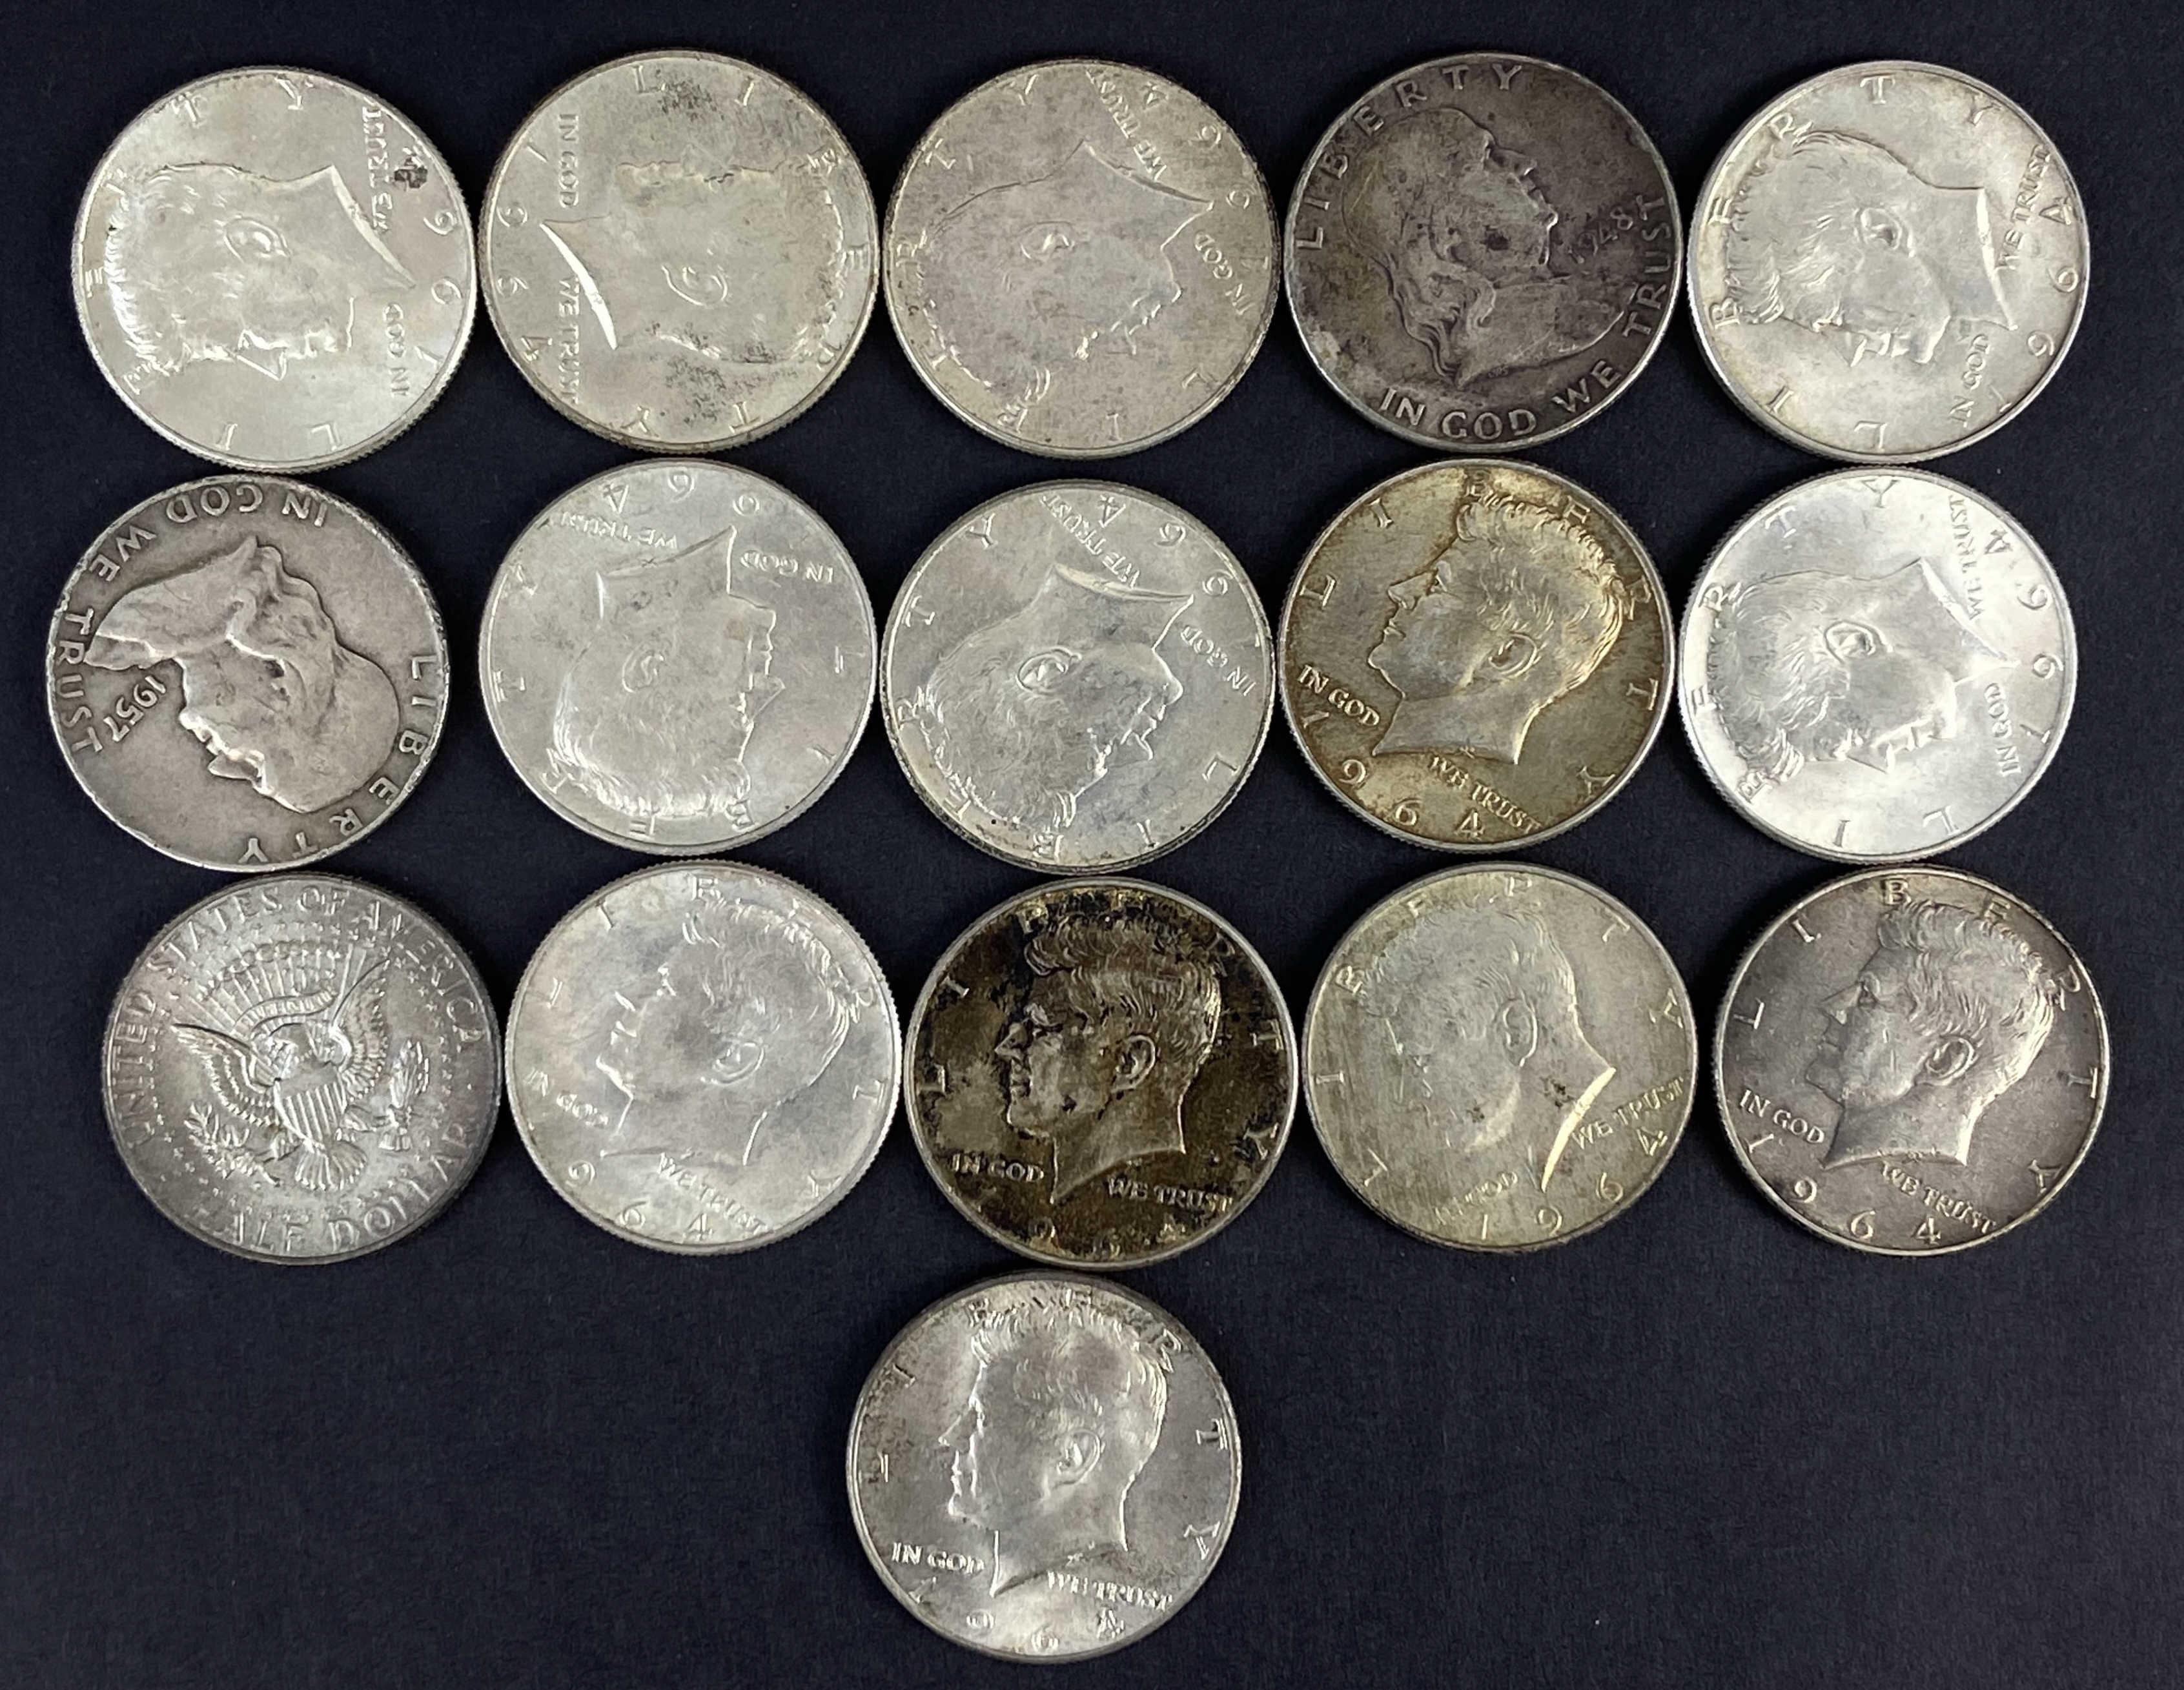 (14) Kennedy (2) Franklin Half Dollar Coins